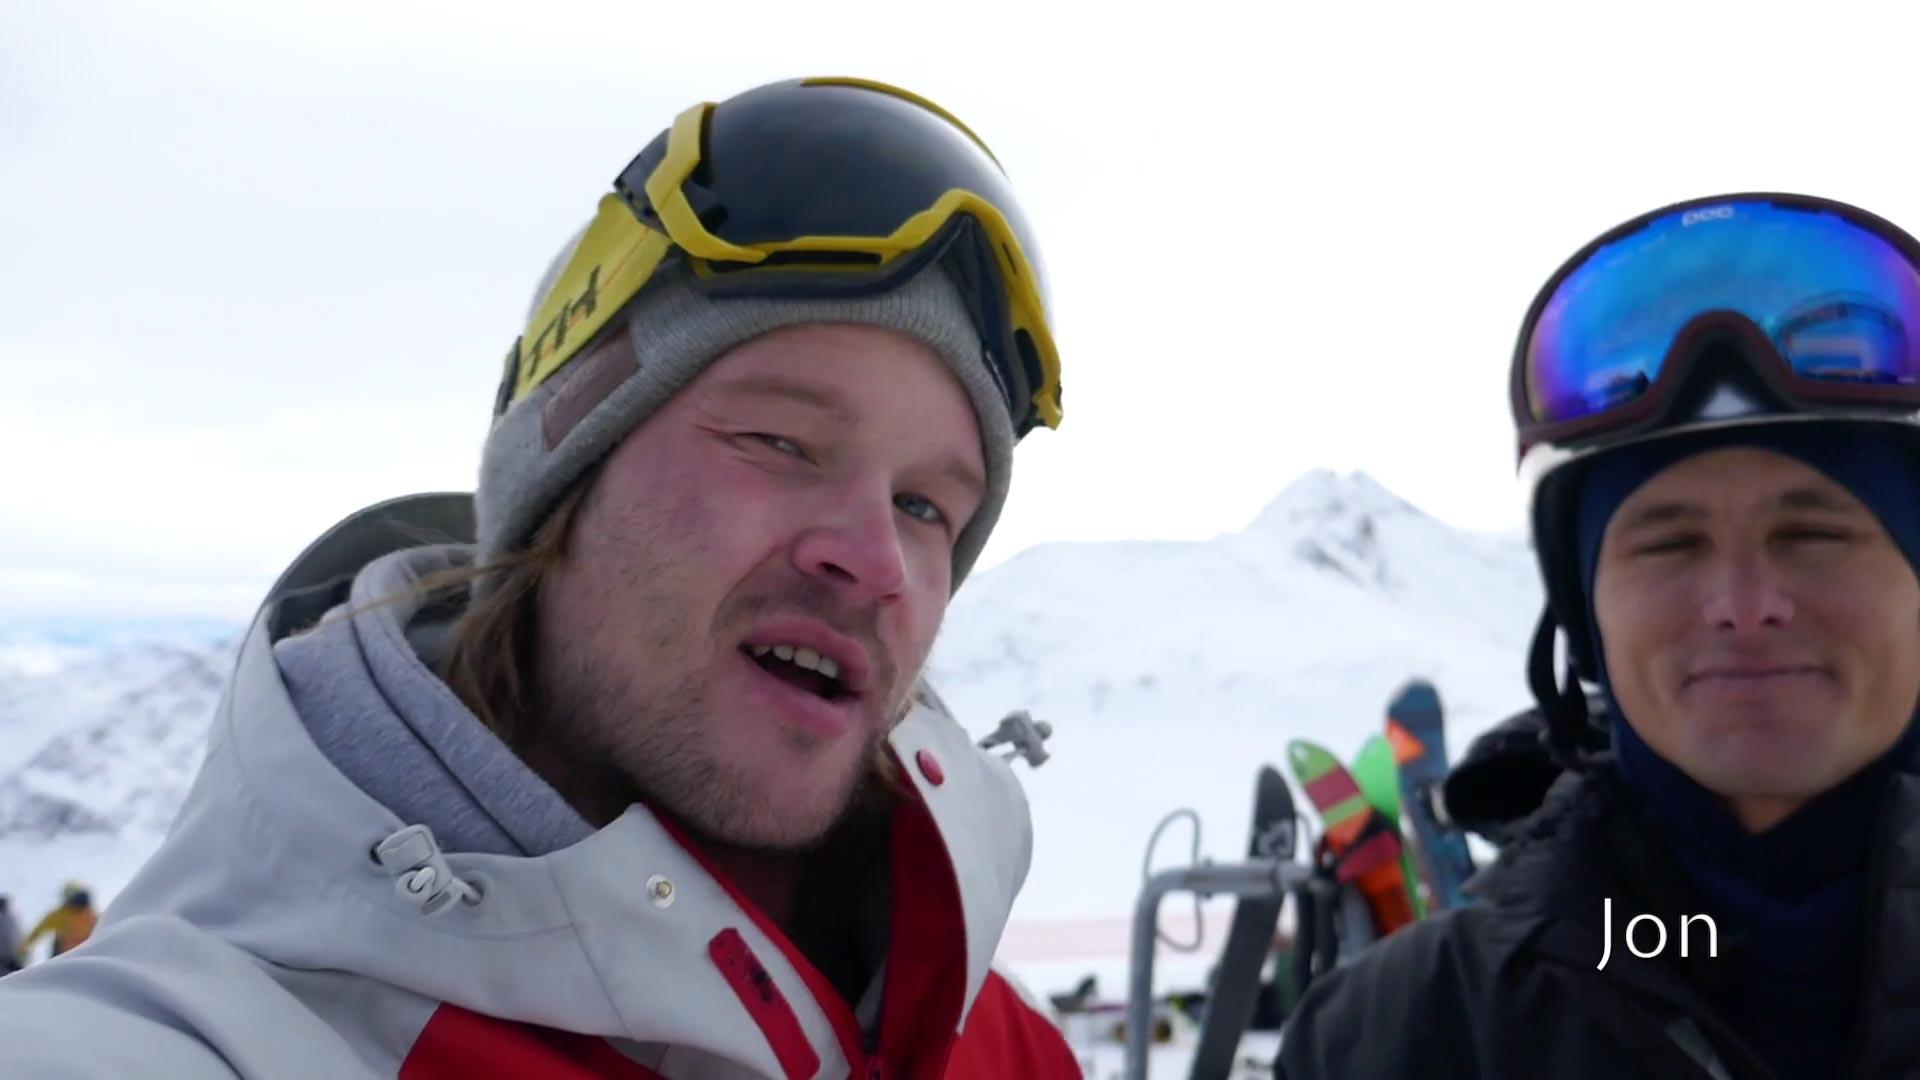 Ja wen hamma denn da!? Jon Olsson hat ebenfalls einen kurzen Auftritt im neuen VLog von Klaus Finne.